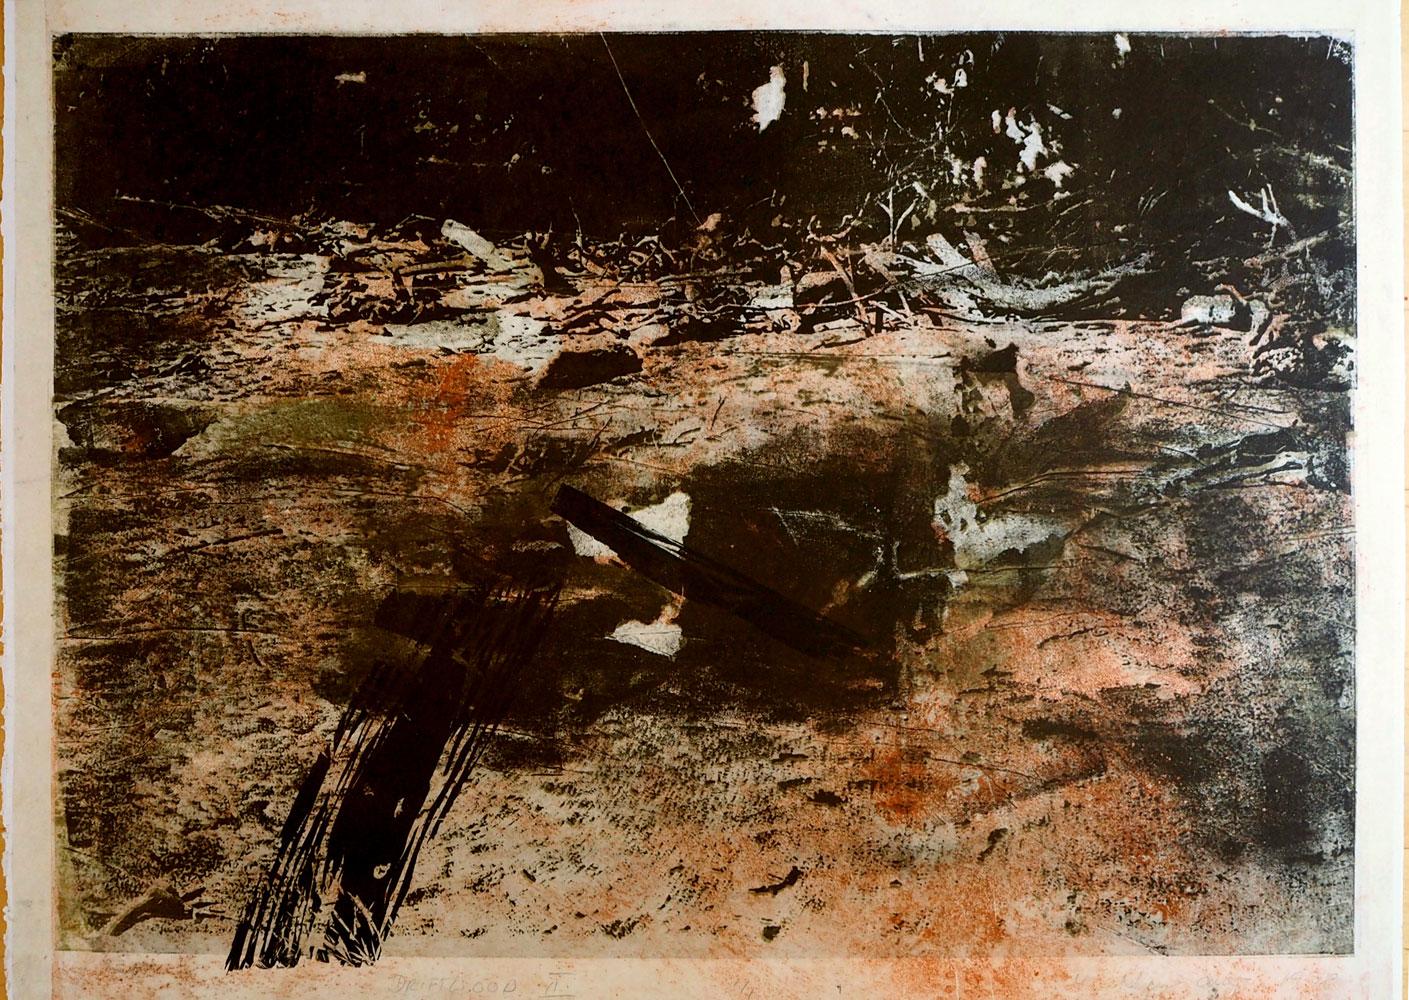 Driftwood II, 1998, mixed media, 107 x 79 cm